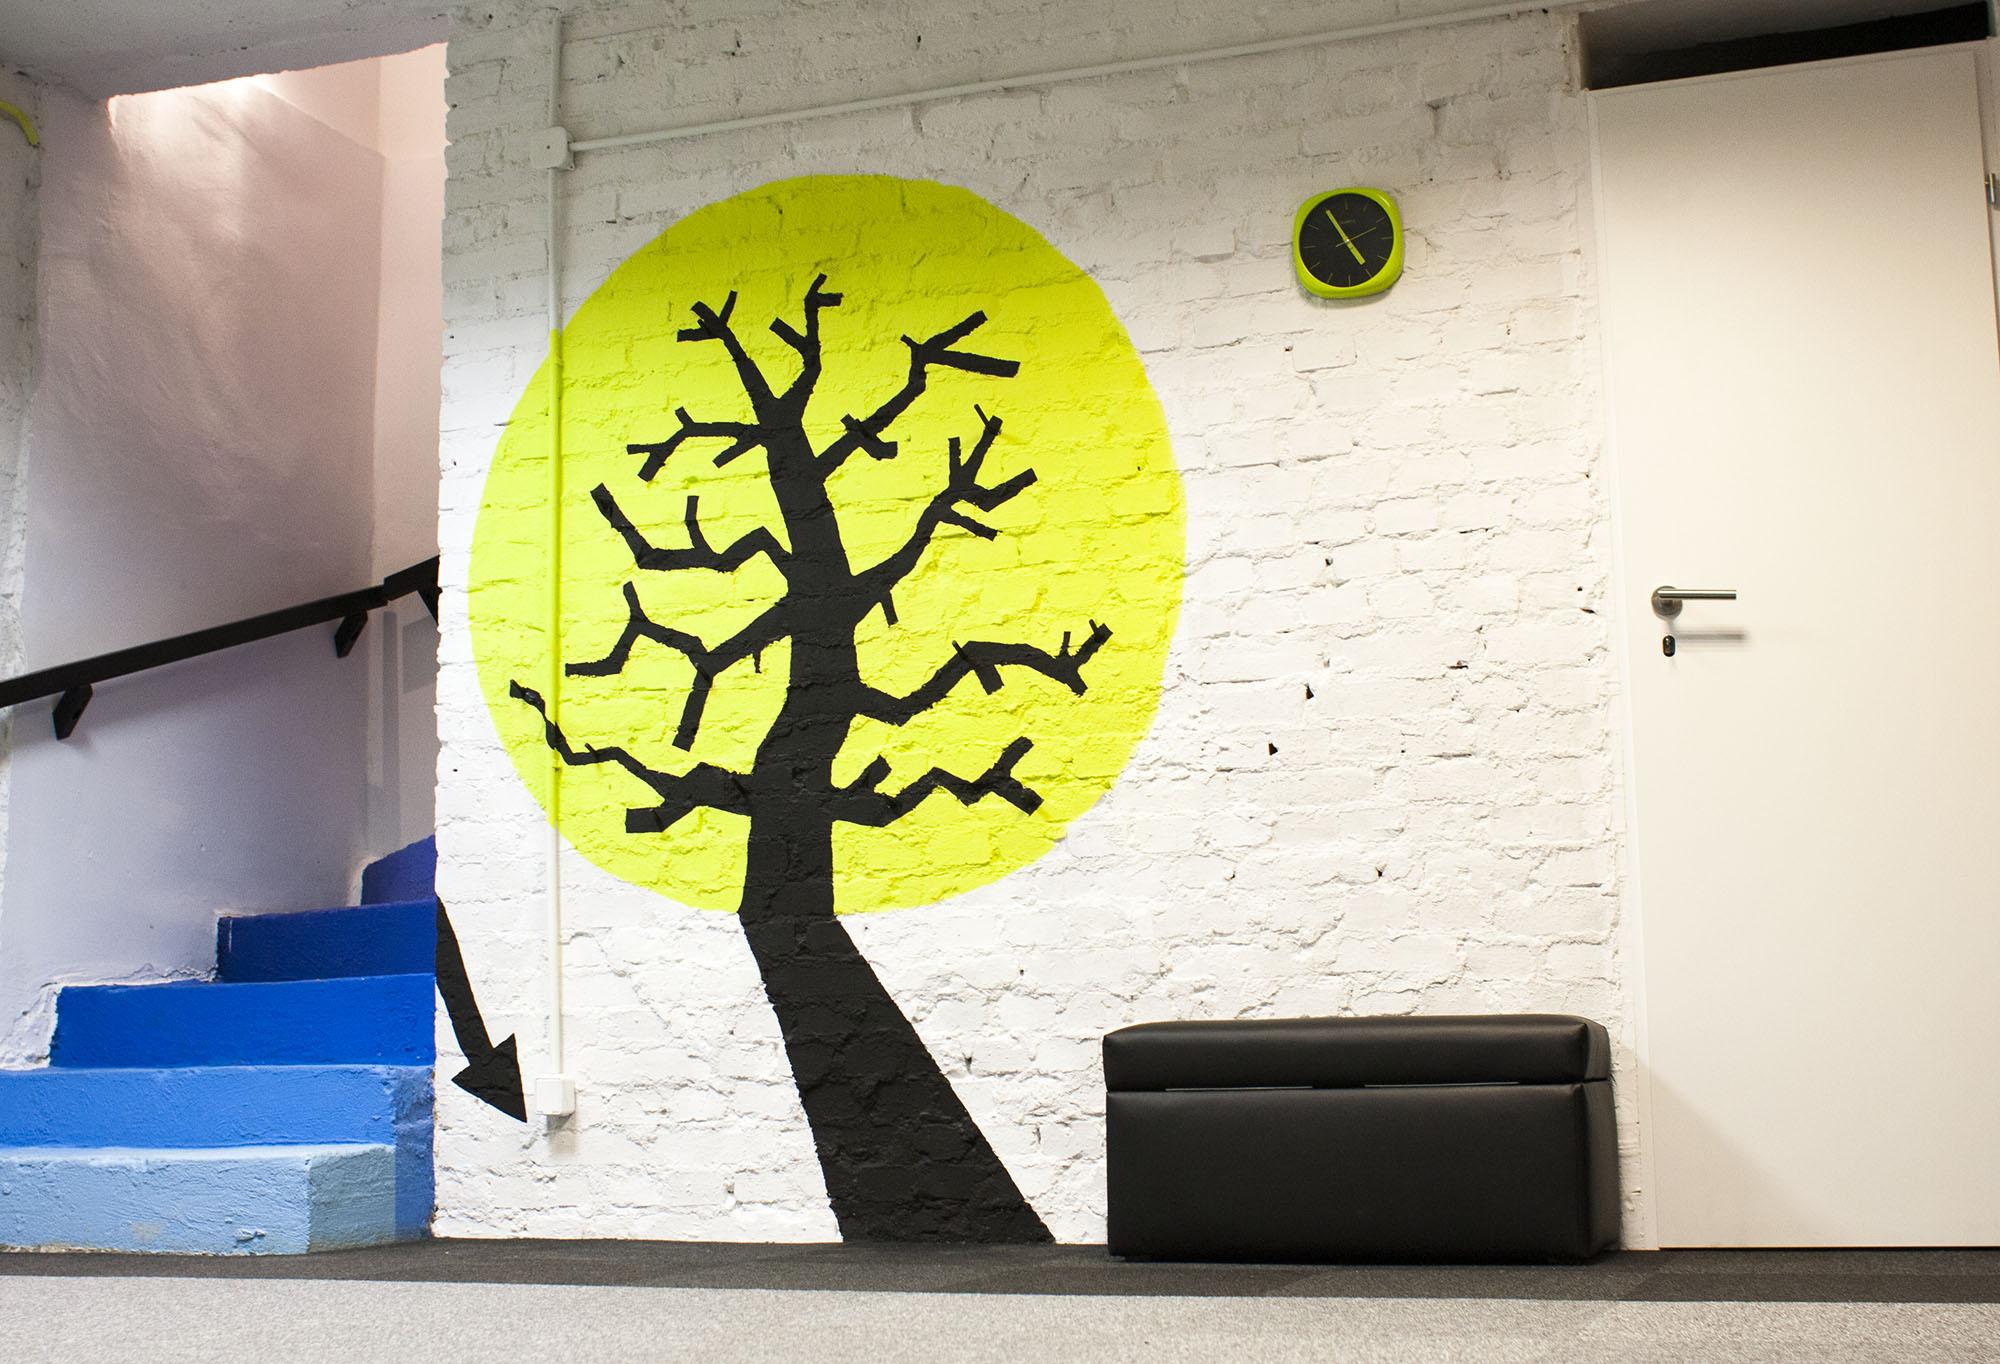 drzewko, pod którym dzieci zostawiają obuwie i na którym wieszają swoje worki w rzeczami.